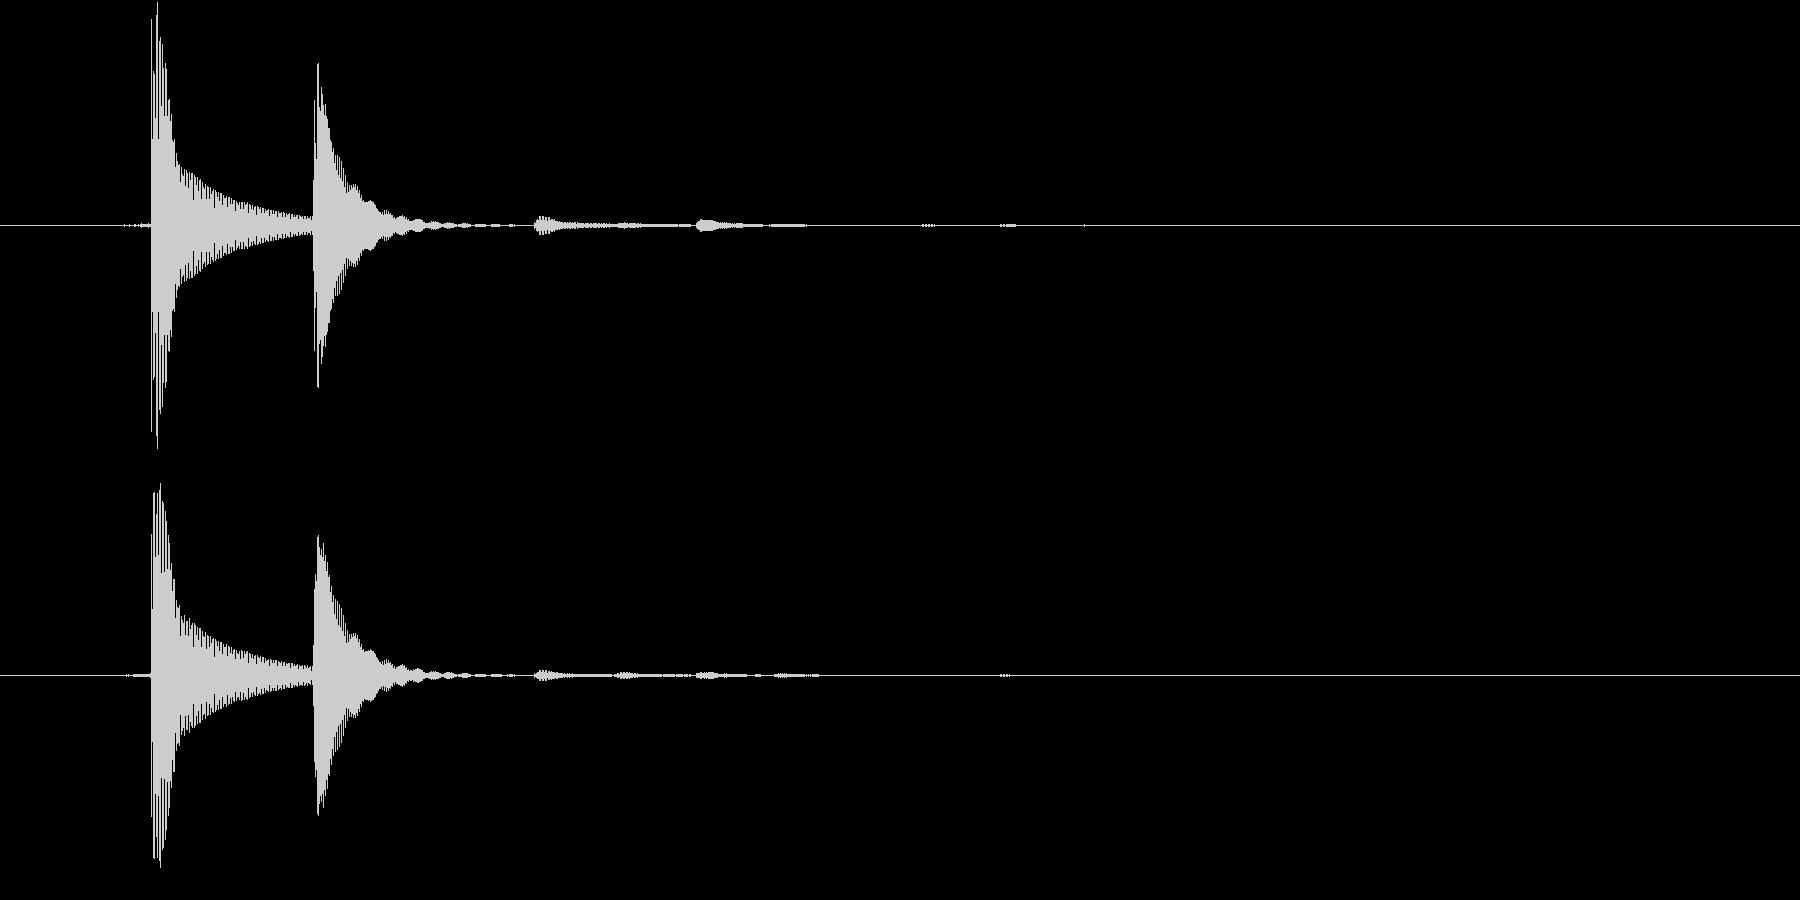 決定/クリック/選択音(ポコッ)の未再生の波形